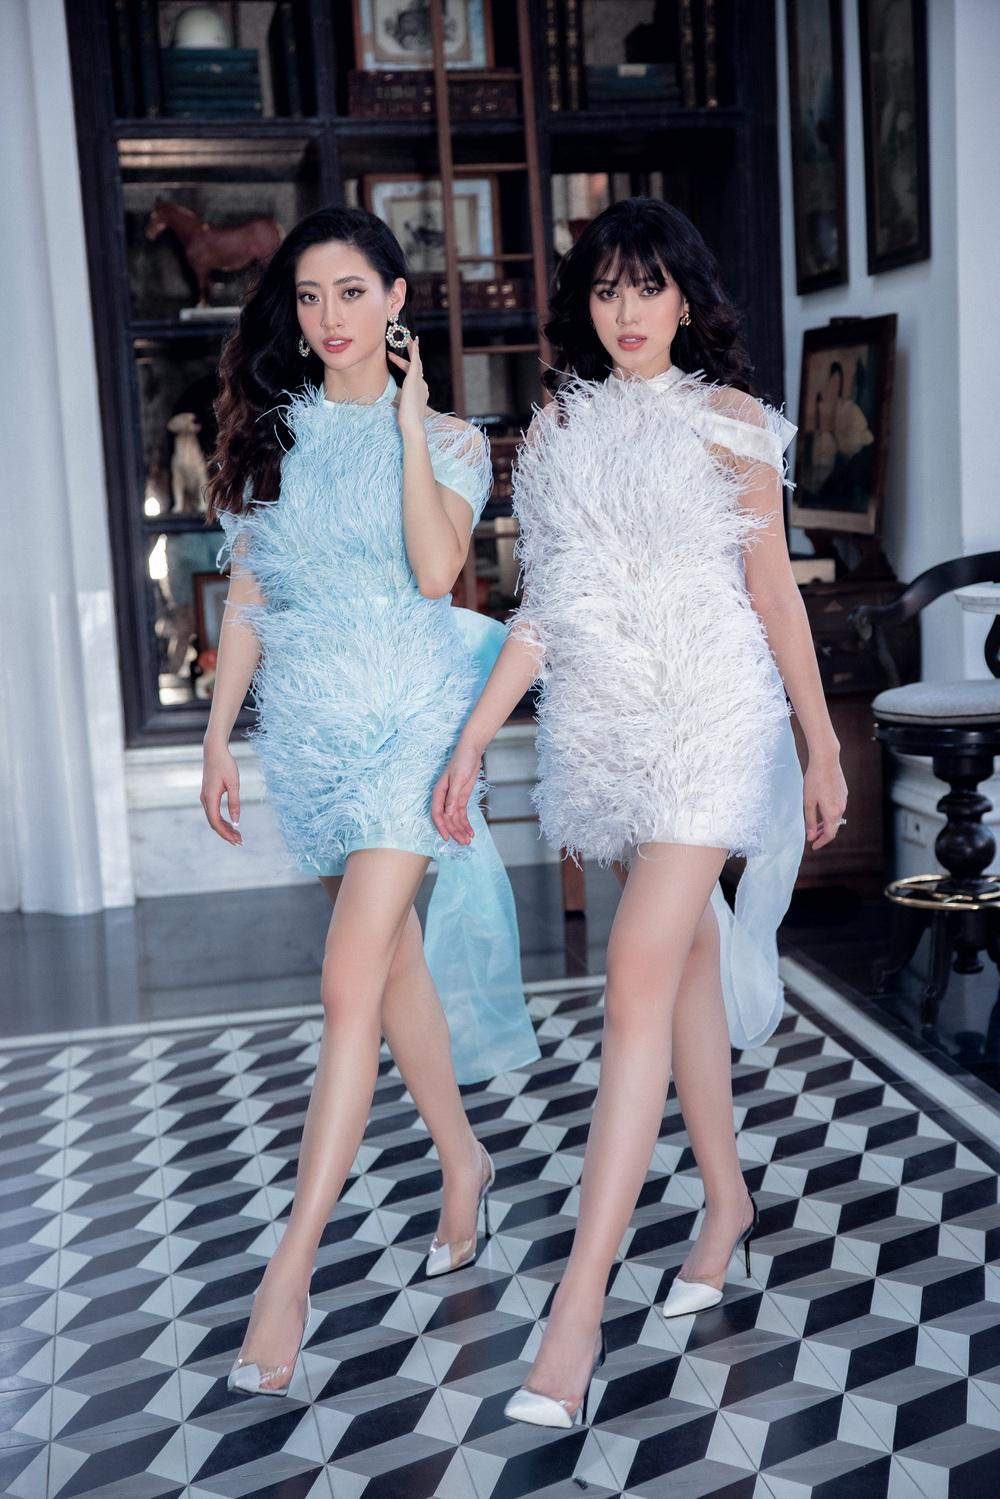 Hoa hậu Đỗ Thị Hà khác lạ với tóc mái ngang - Ảnh 7.